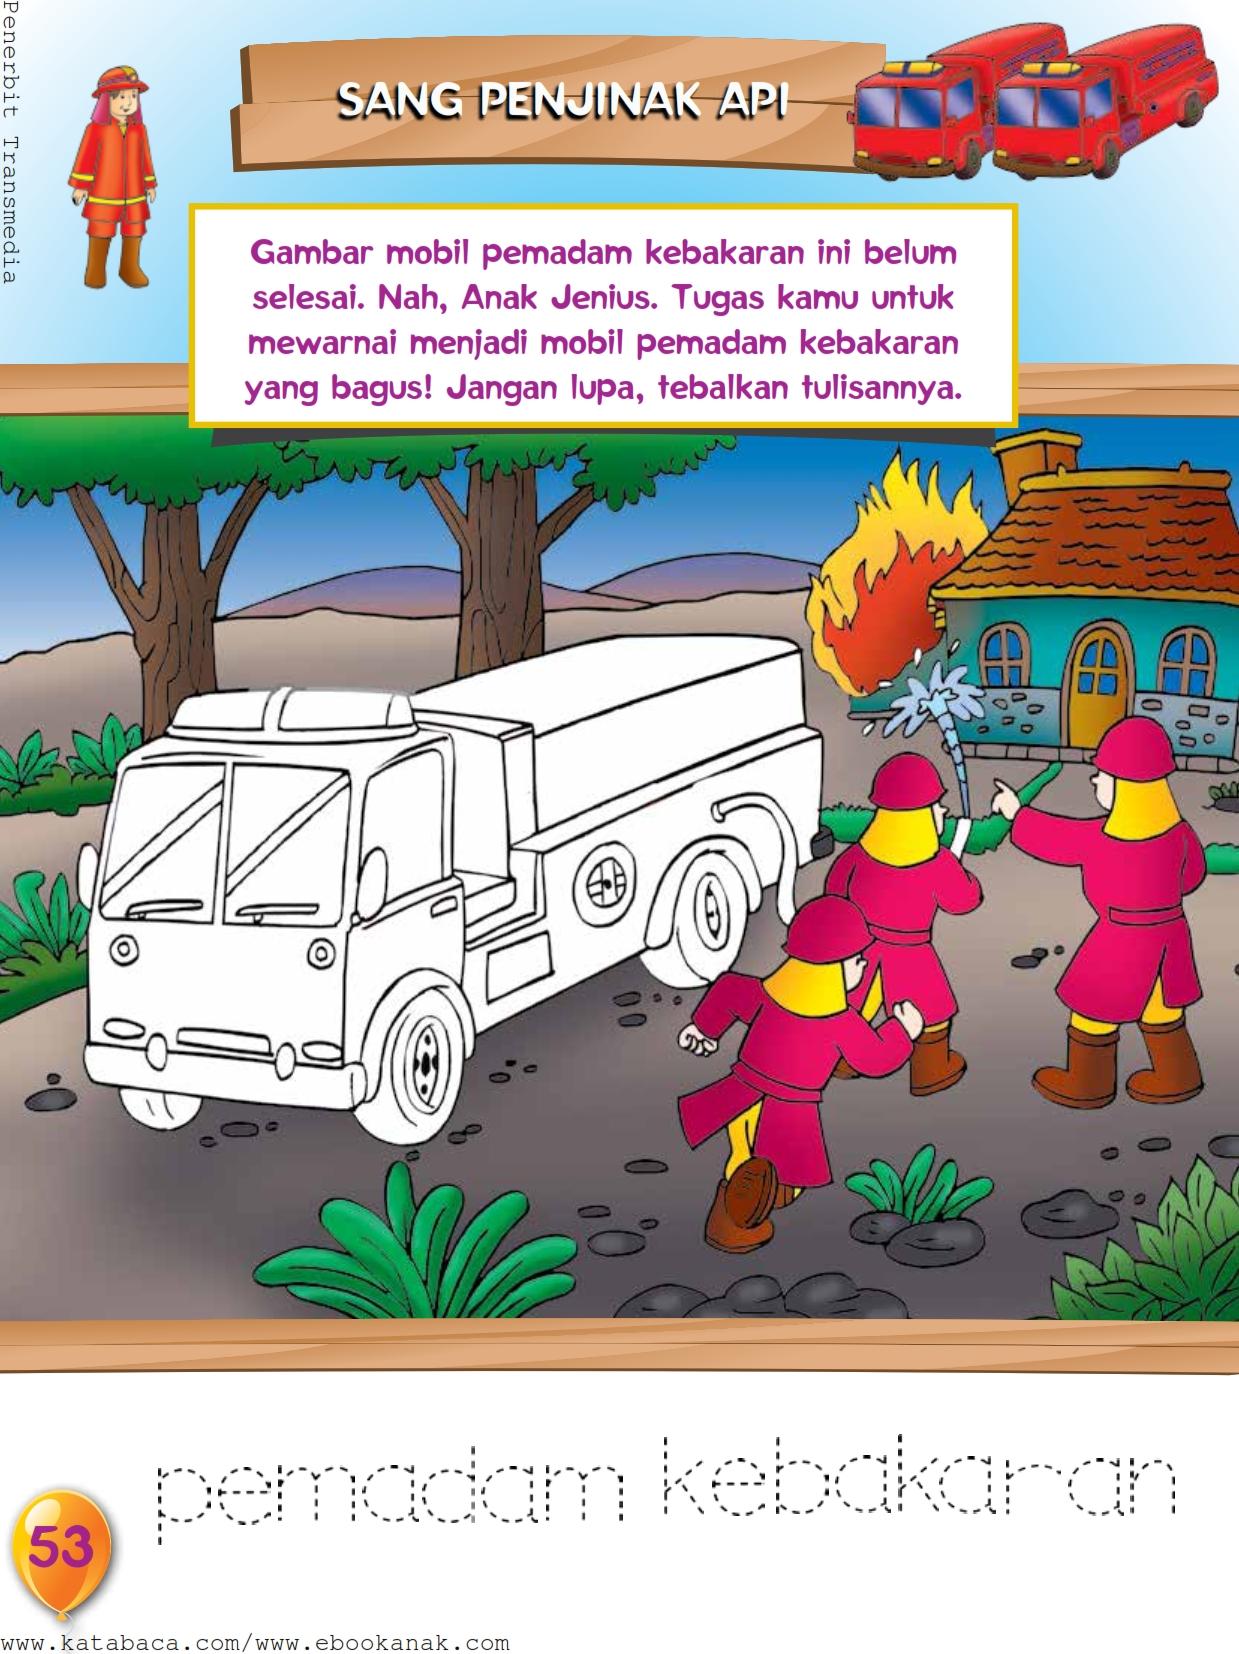 Mewarnai Gambar Mobil Pemadam Kebakaran Ebook Anak